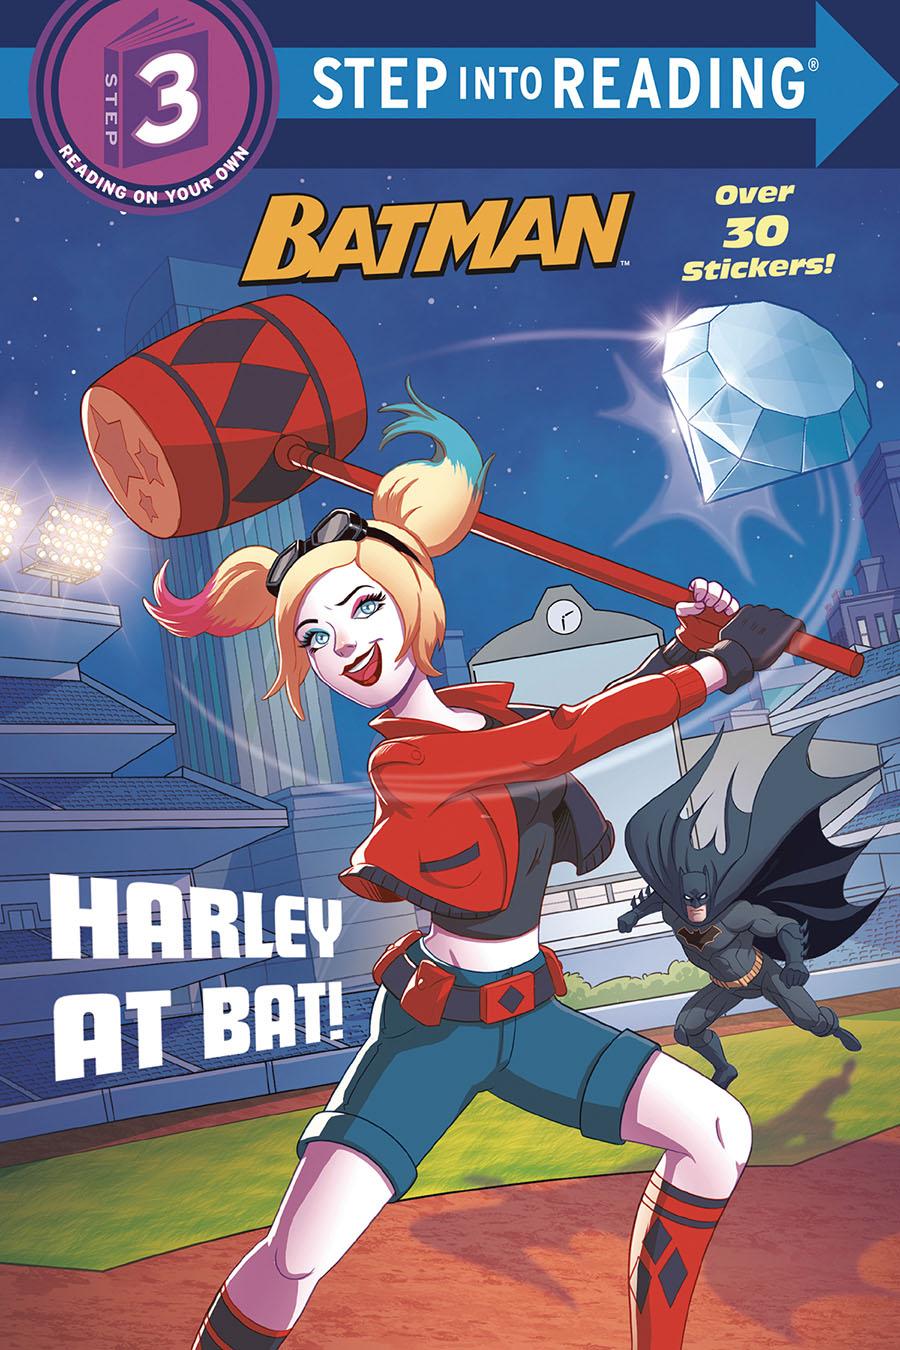 DC Super Heroes Batman Harley At Bat SC